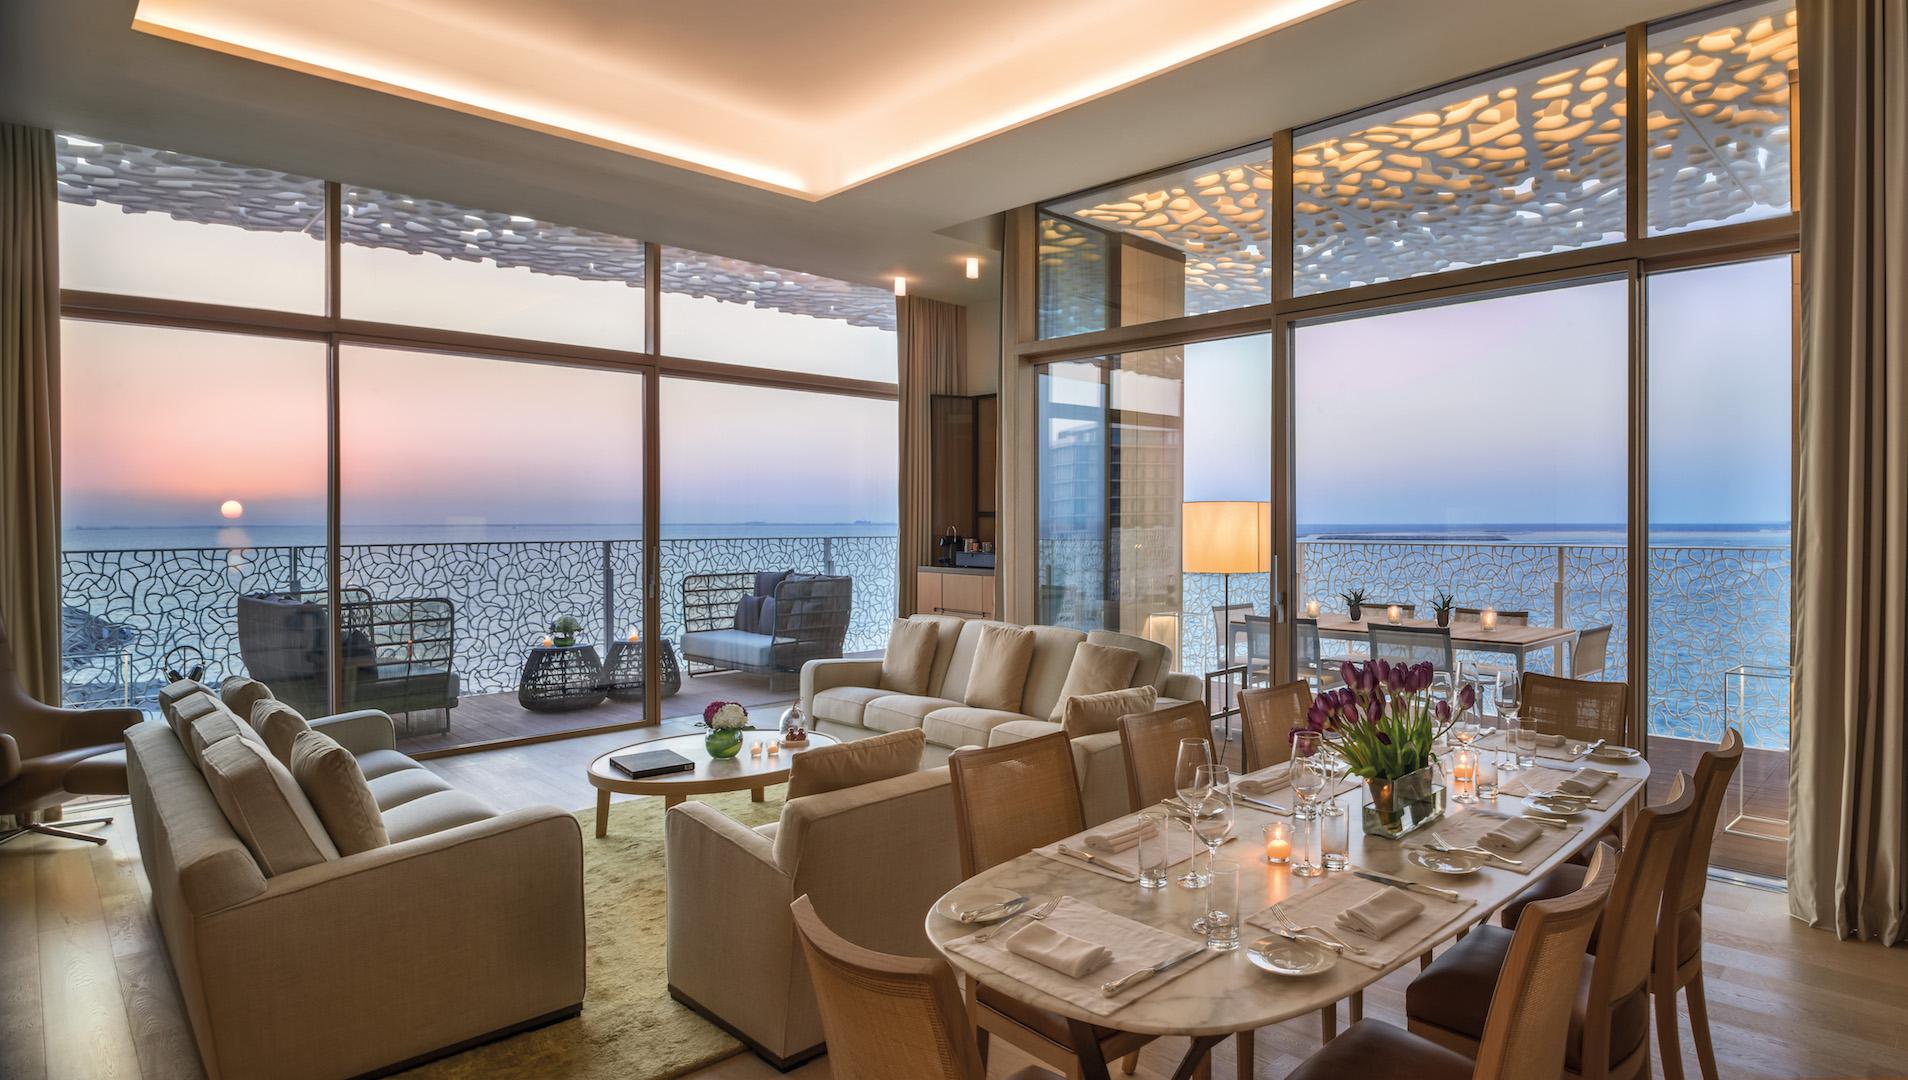 Bvlgari Resort Dubai-The Bvlgari Suite